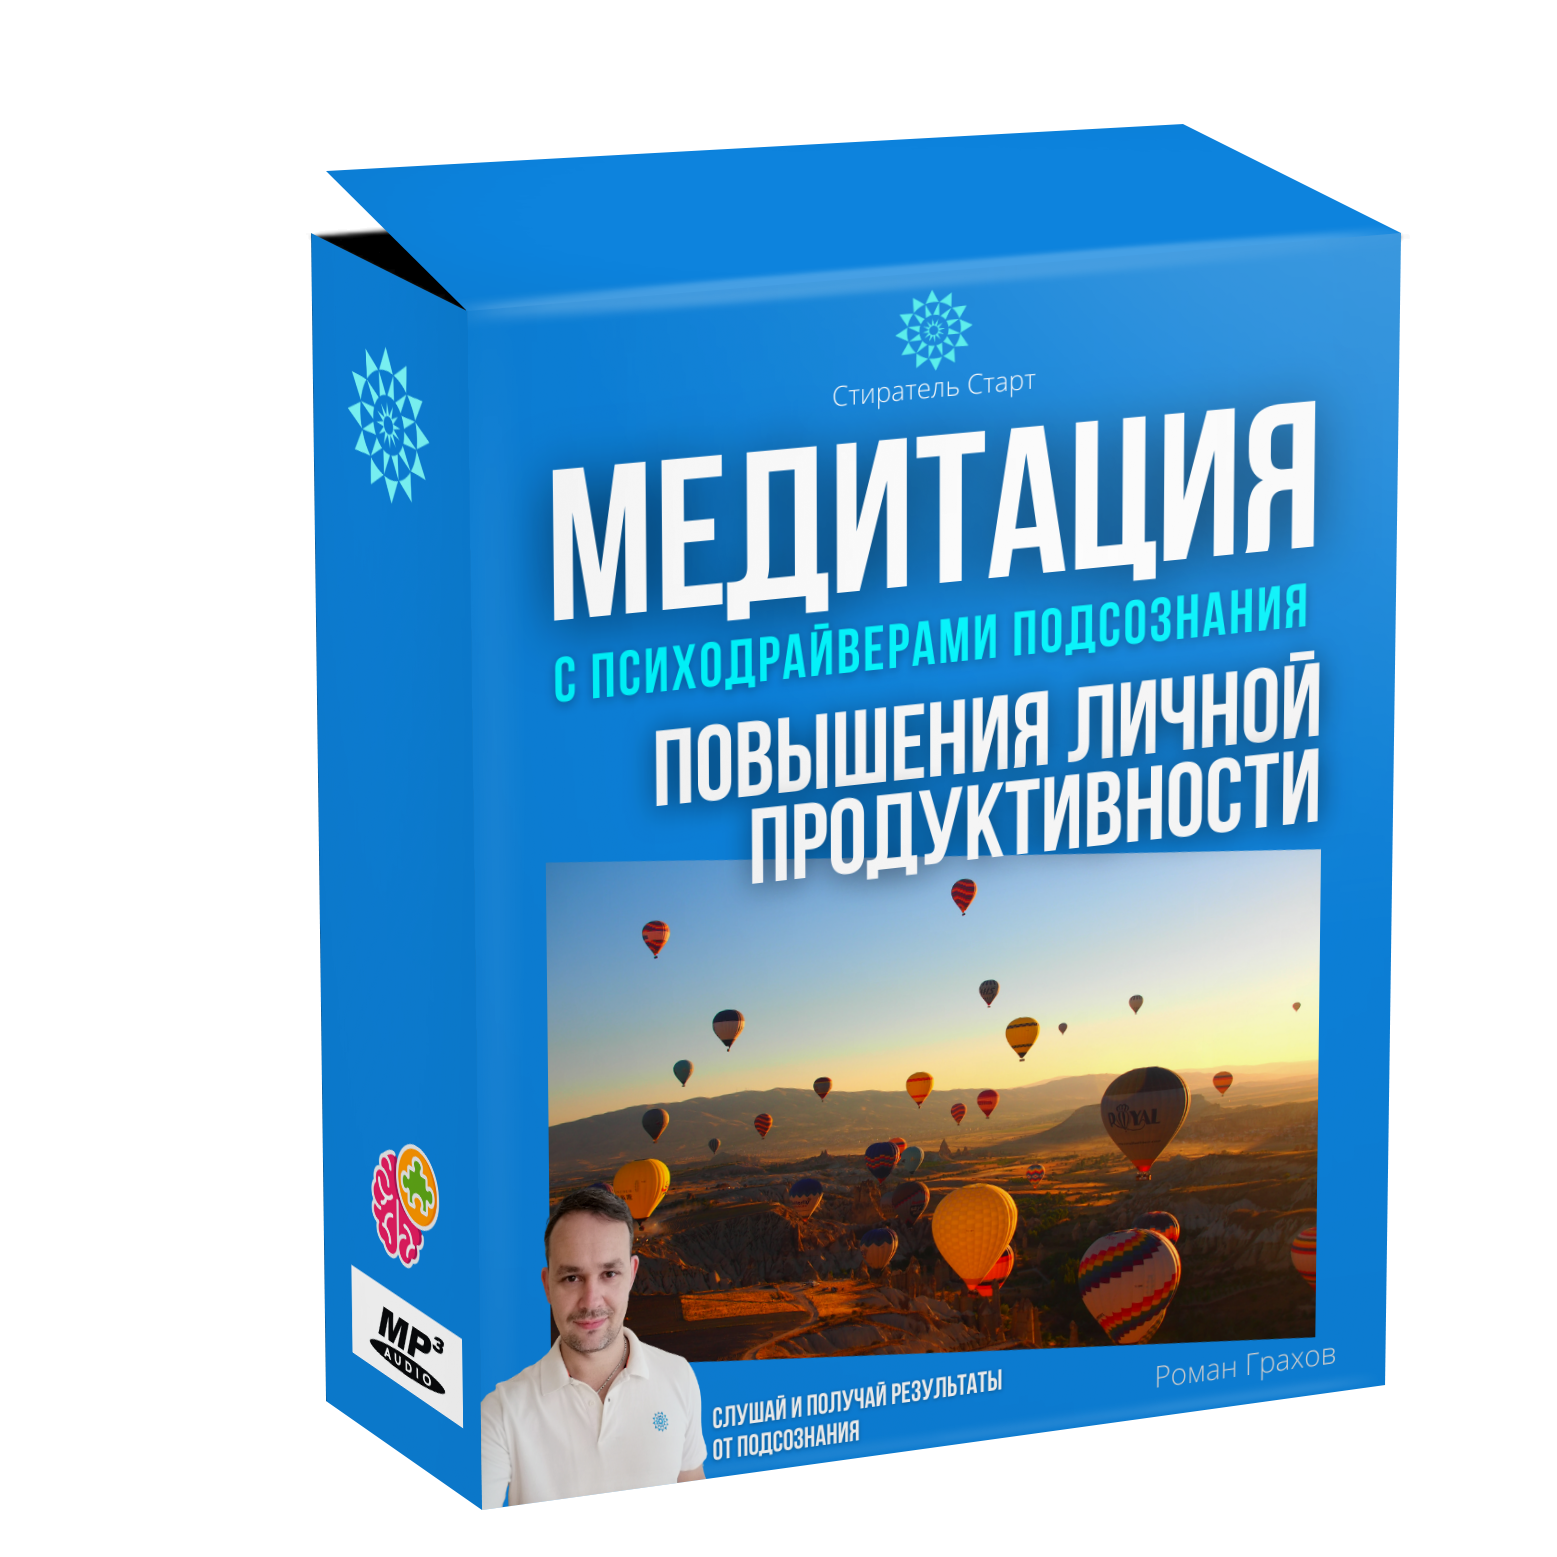 Медитация с психодрайверами подсознания ля активации ресурсного состояния